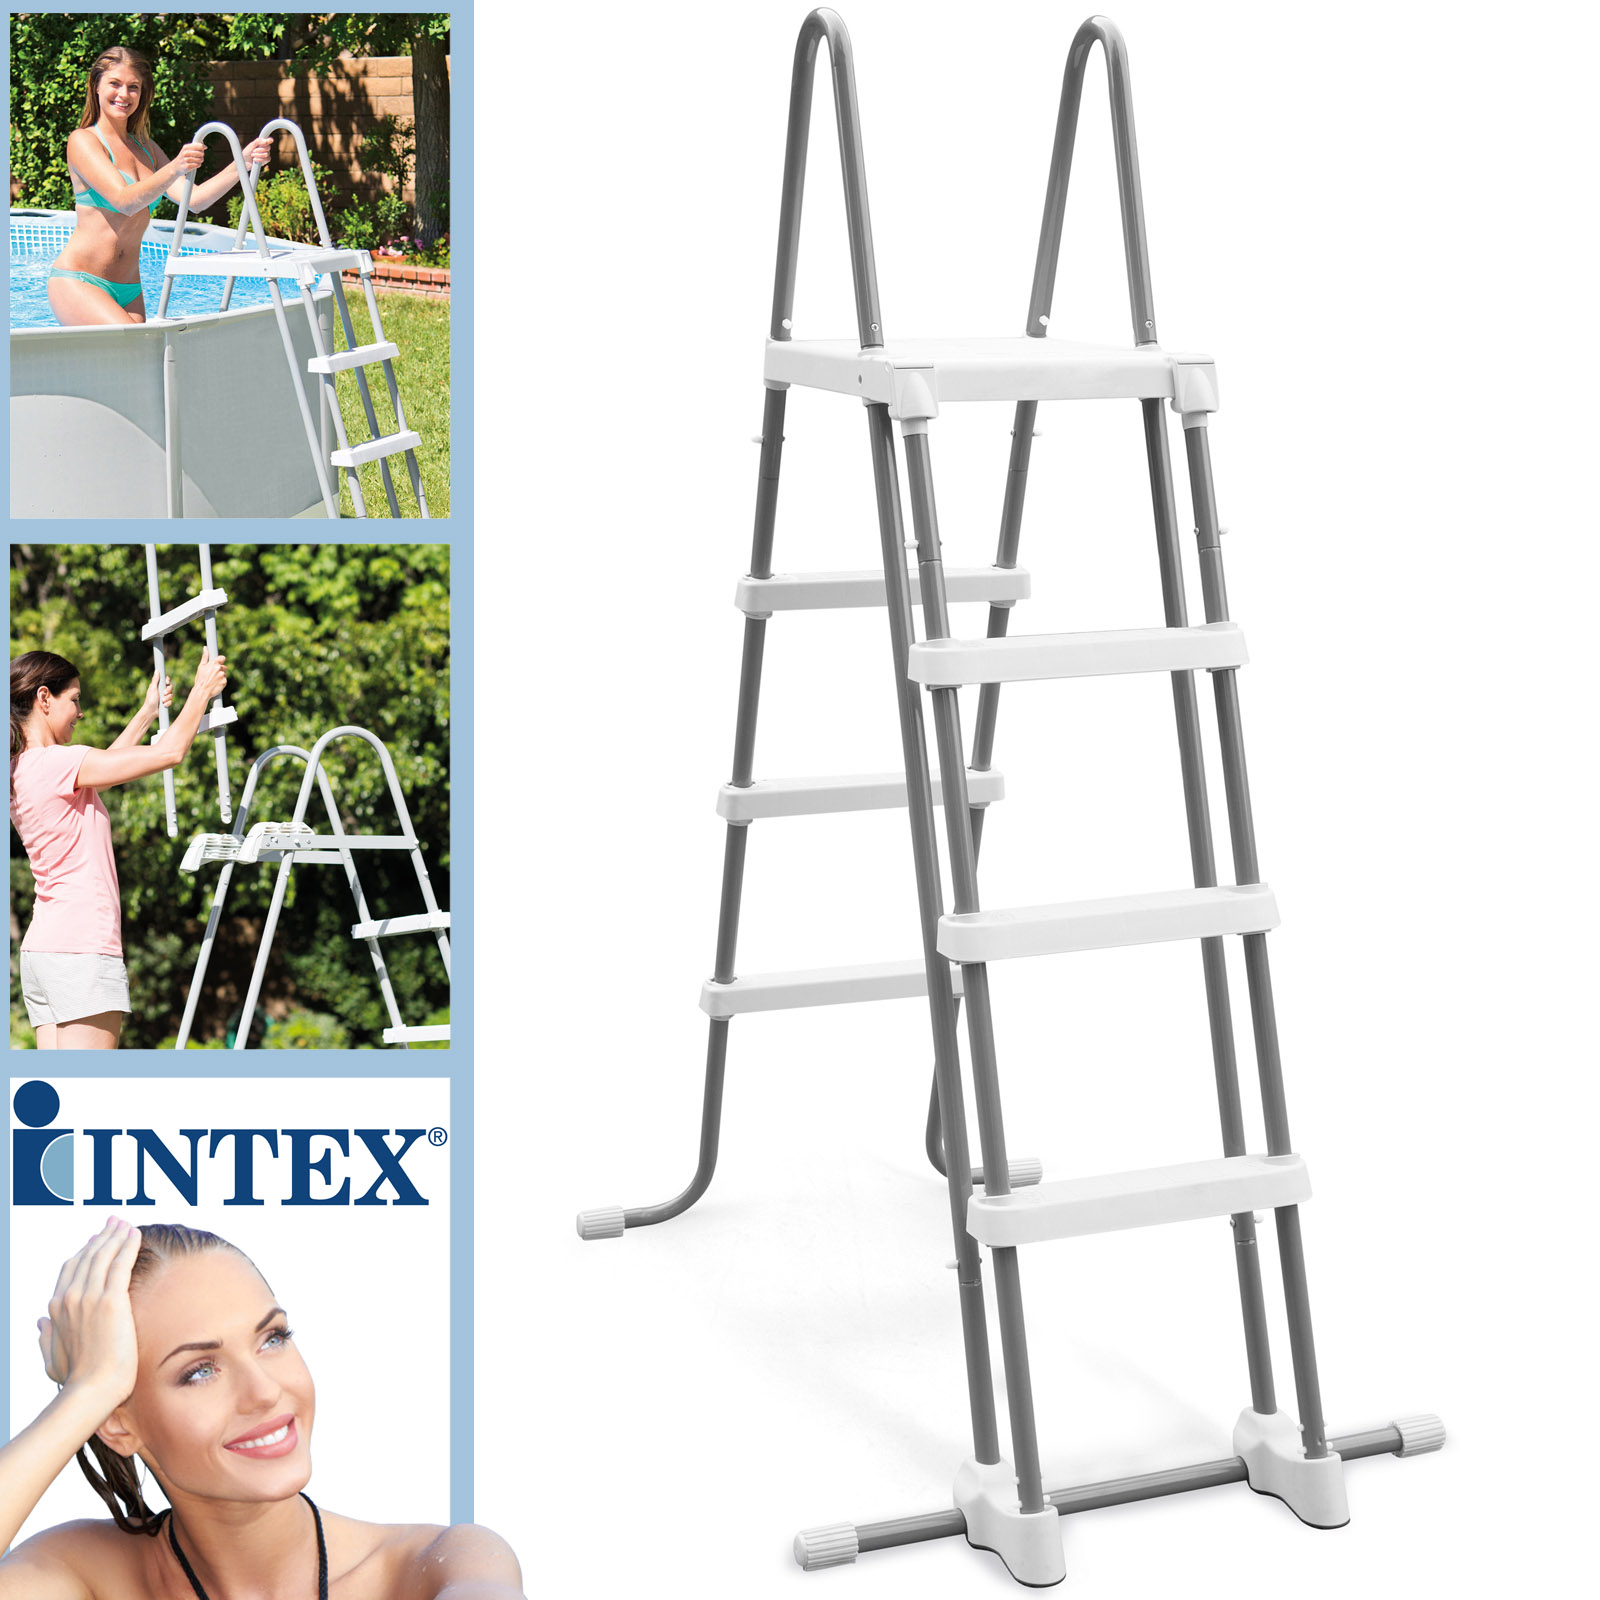 Intex Sicherheitsleiter für Pools mit 122 cm Höhe 28076